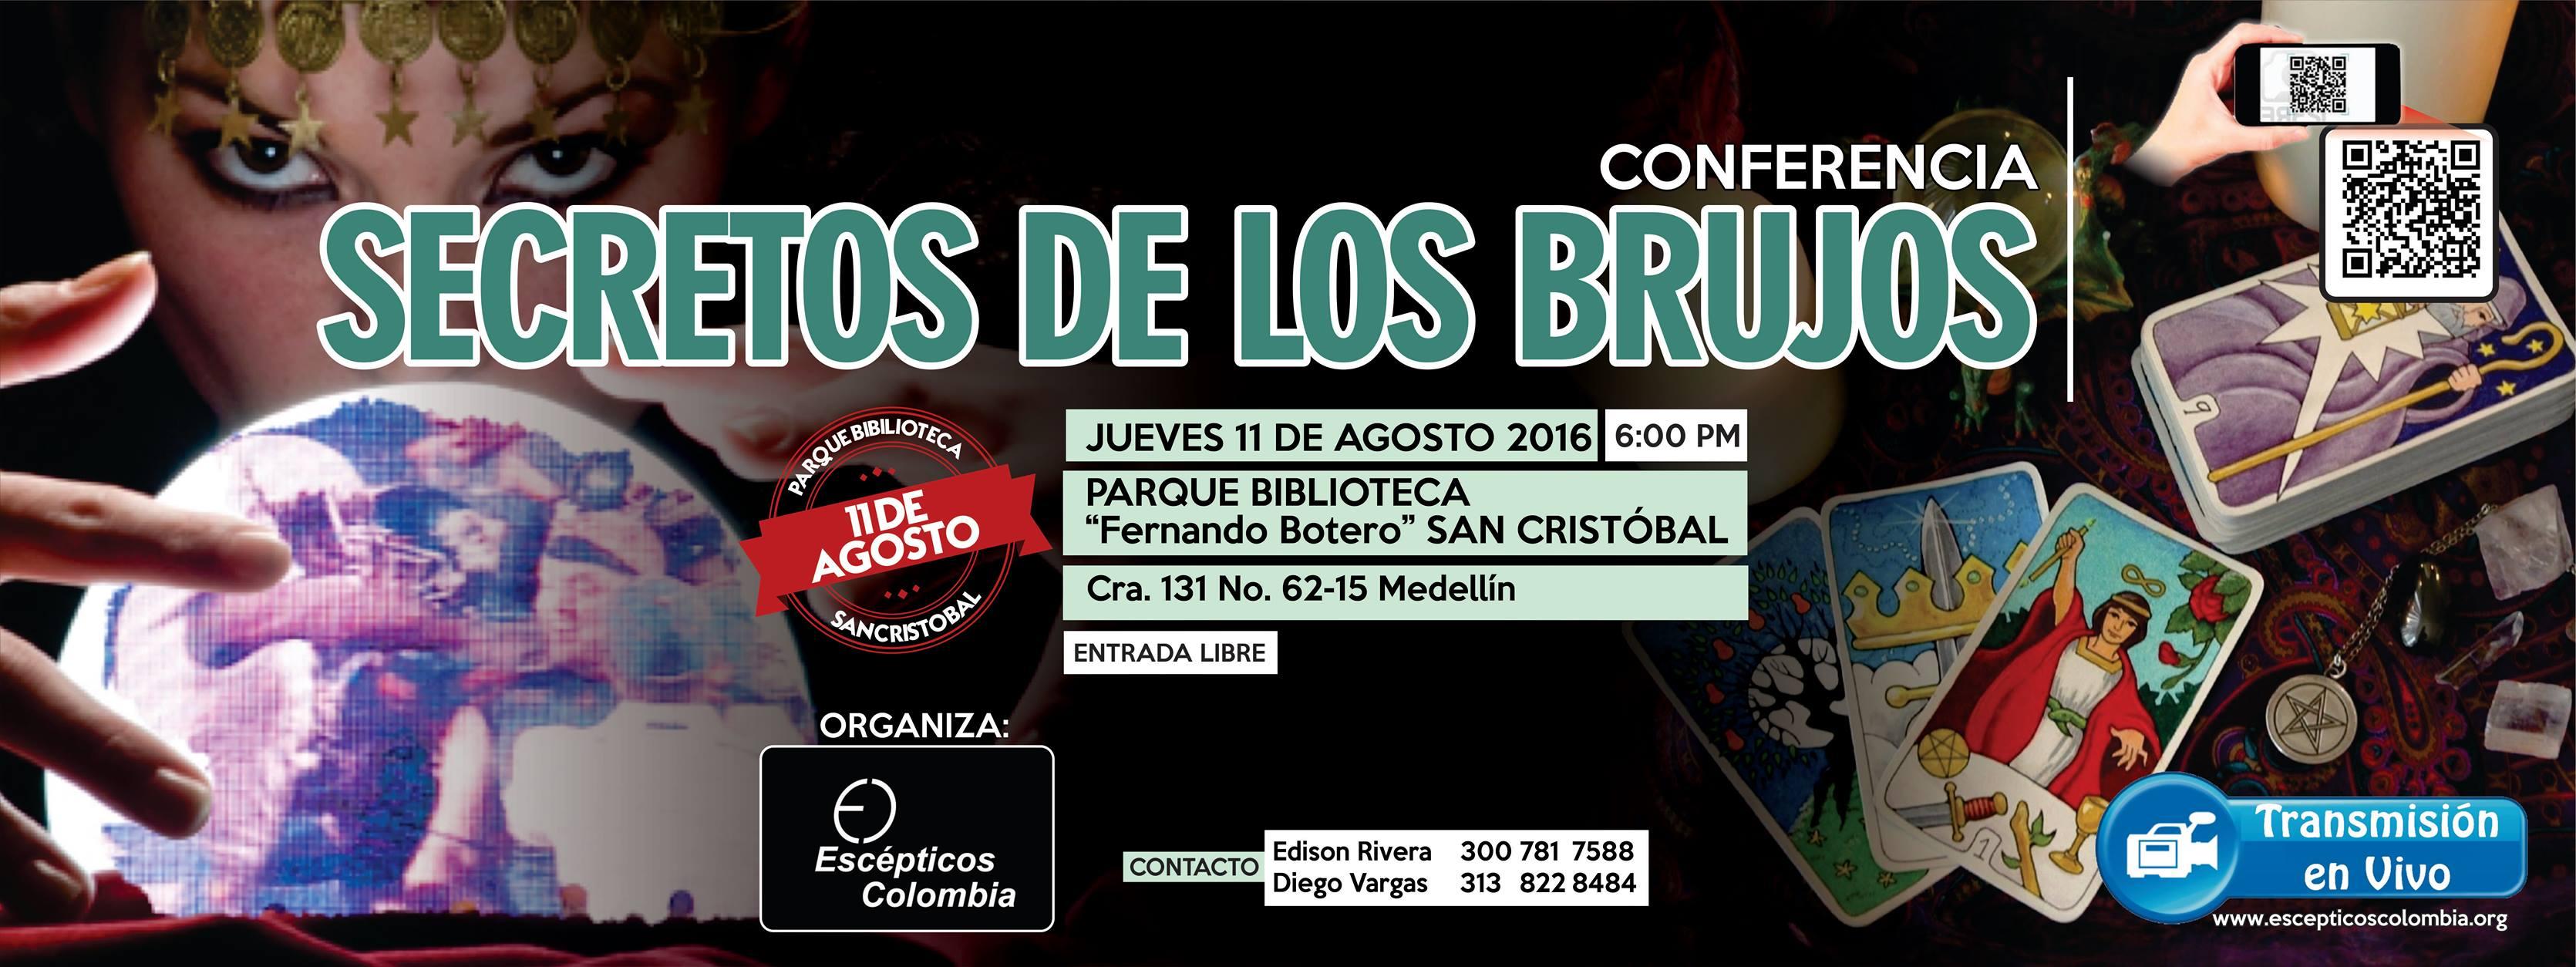 Secretos-Brujos-11-agosto.jpg